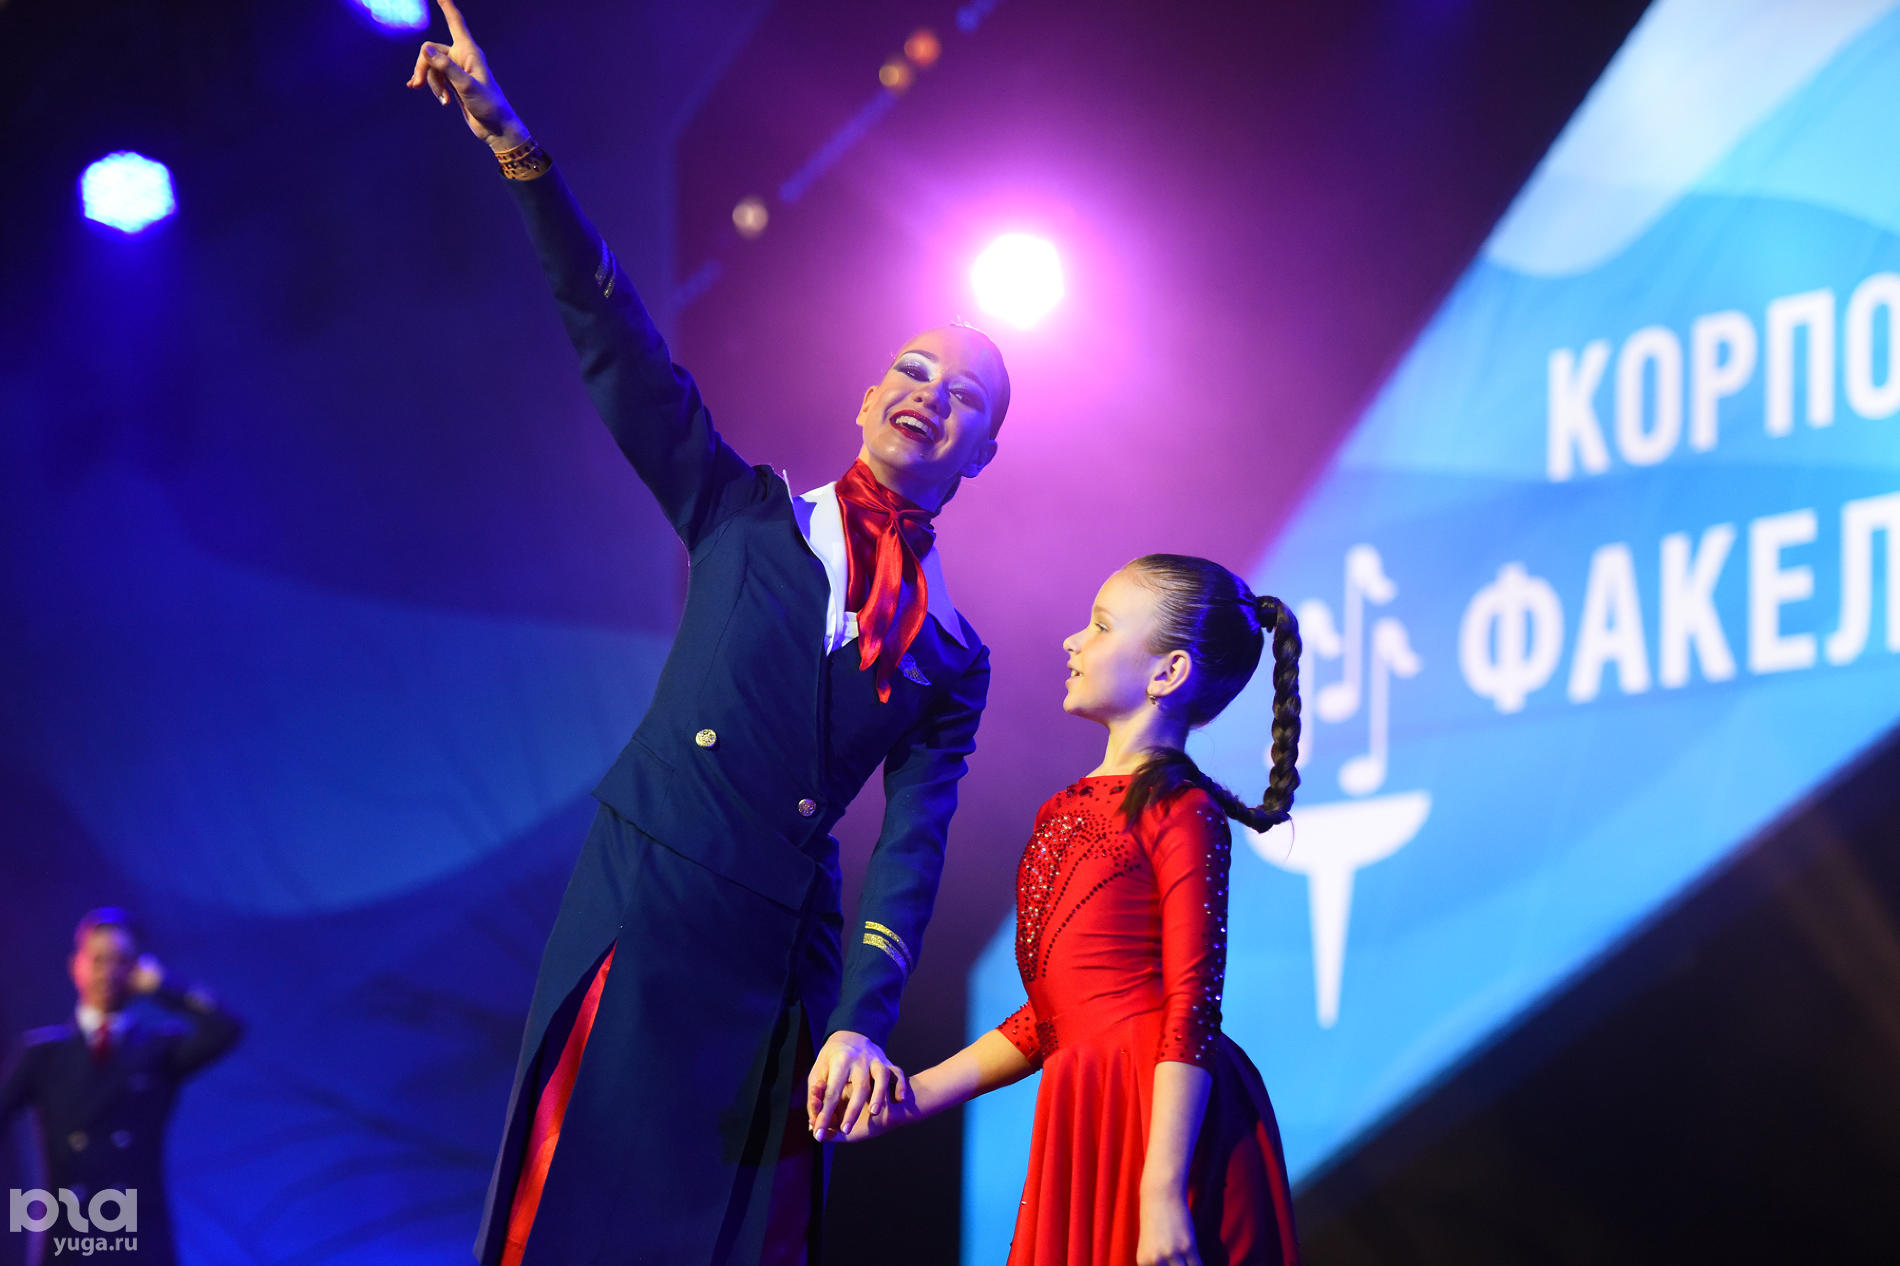 Показательные выступления коллективов на фестивале «Факел» ©Фото Елены Синеок, Юга.ру